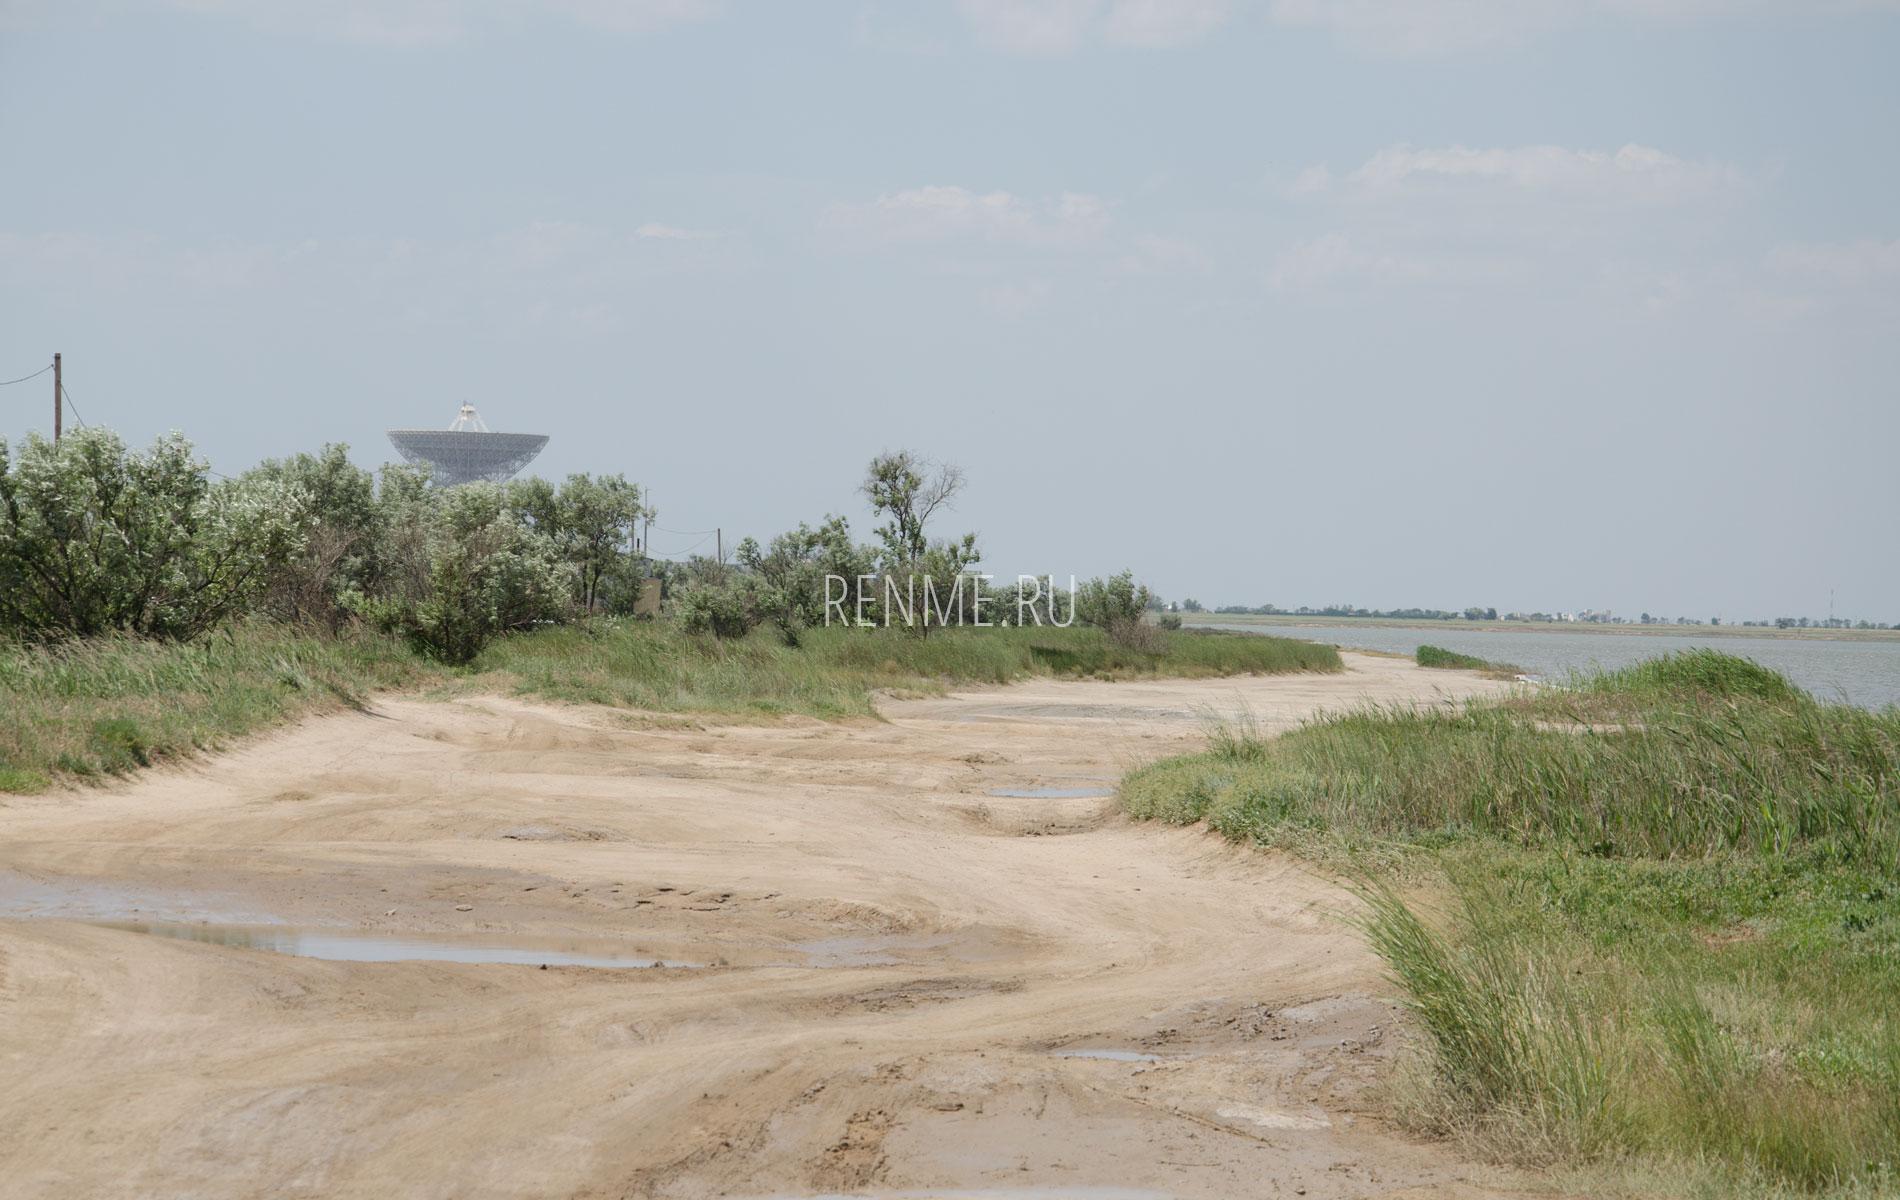 Дорога вдоль моря. Фото Молочного